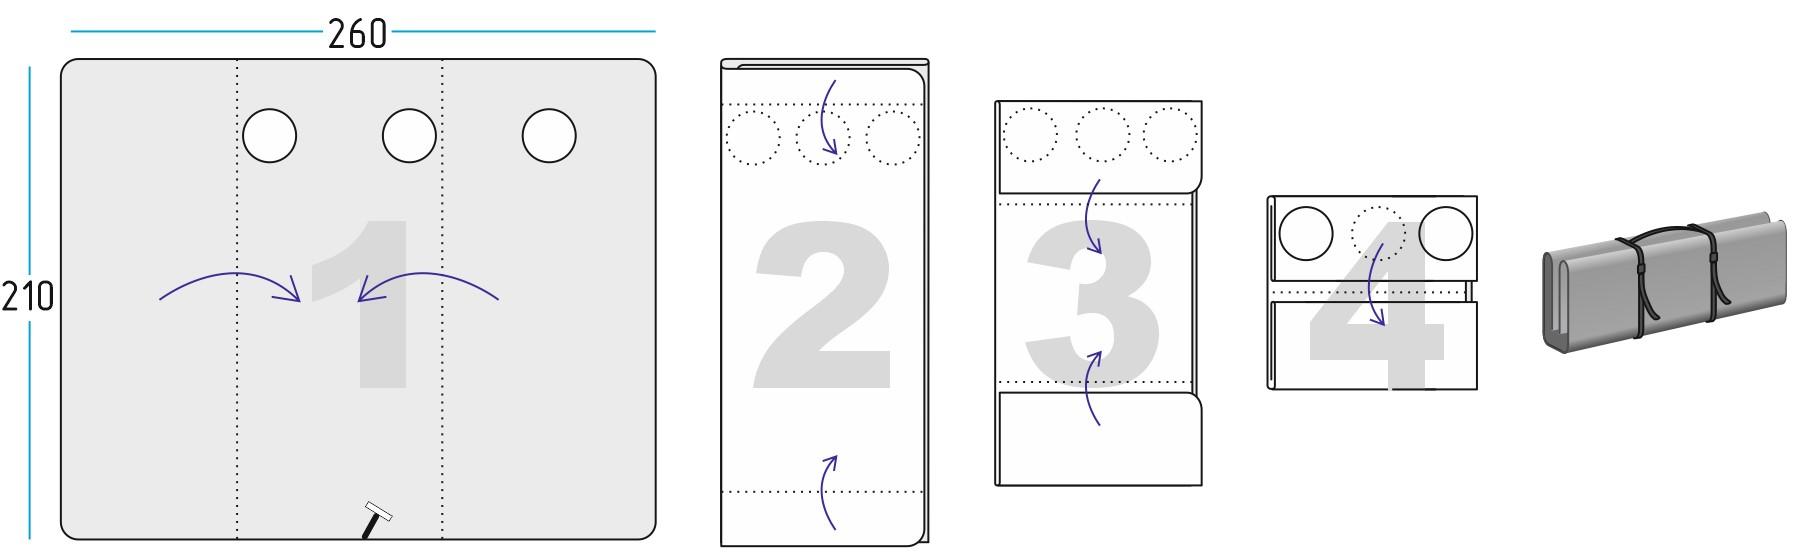 Схема сложения Дно гидро-термоизоляционное ЛОТОС Куб 4 (260х210)